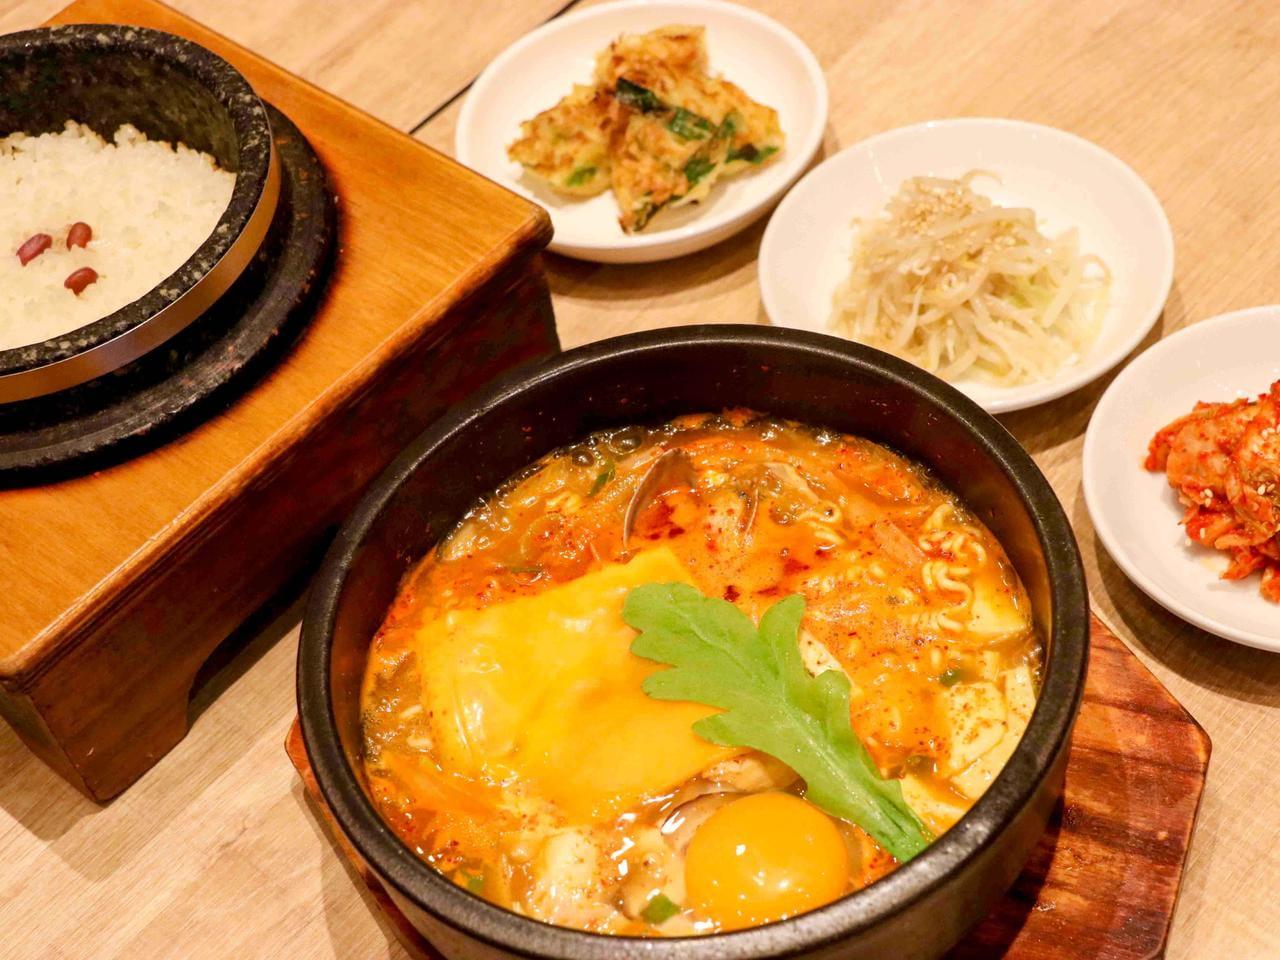 【姫路】韓国料理ランチ3選 女性に大人気! お得なキムチ食べ放題のお店も